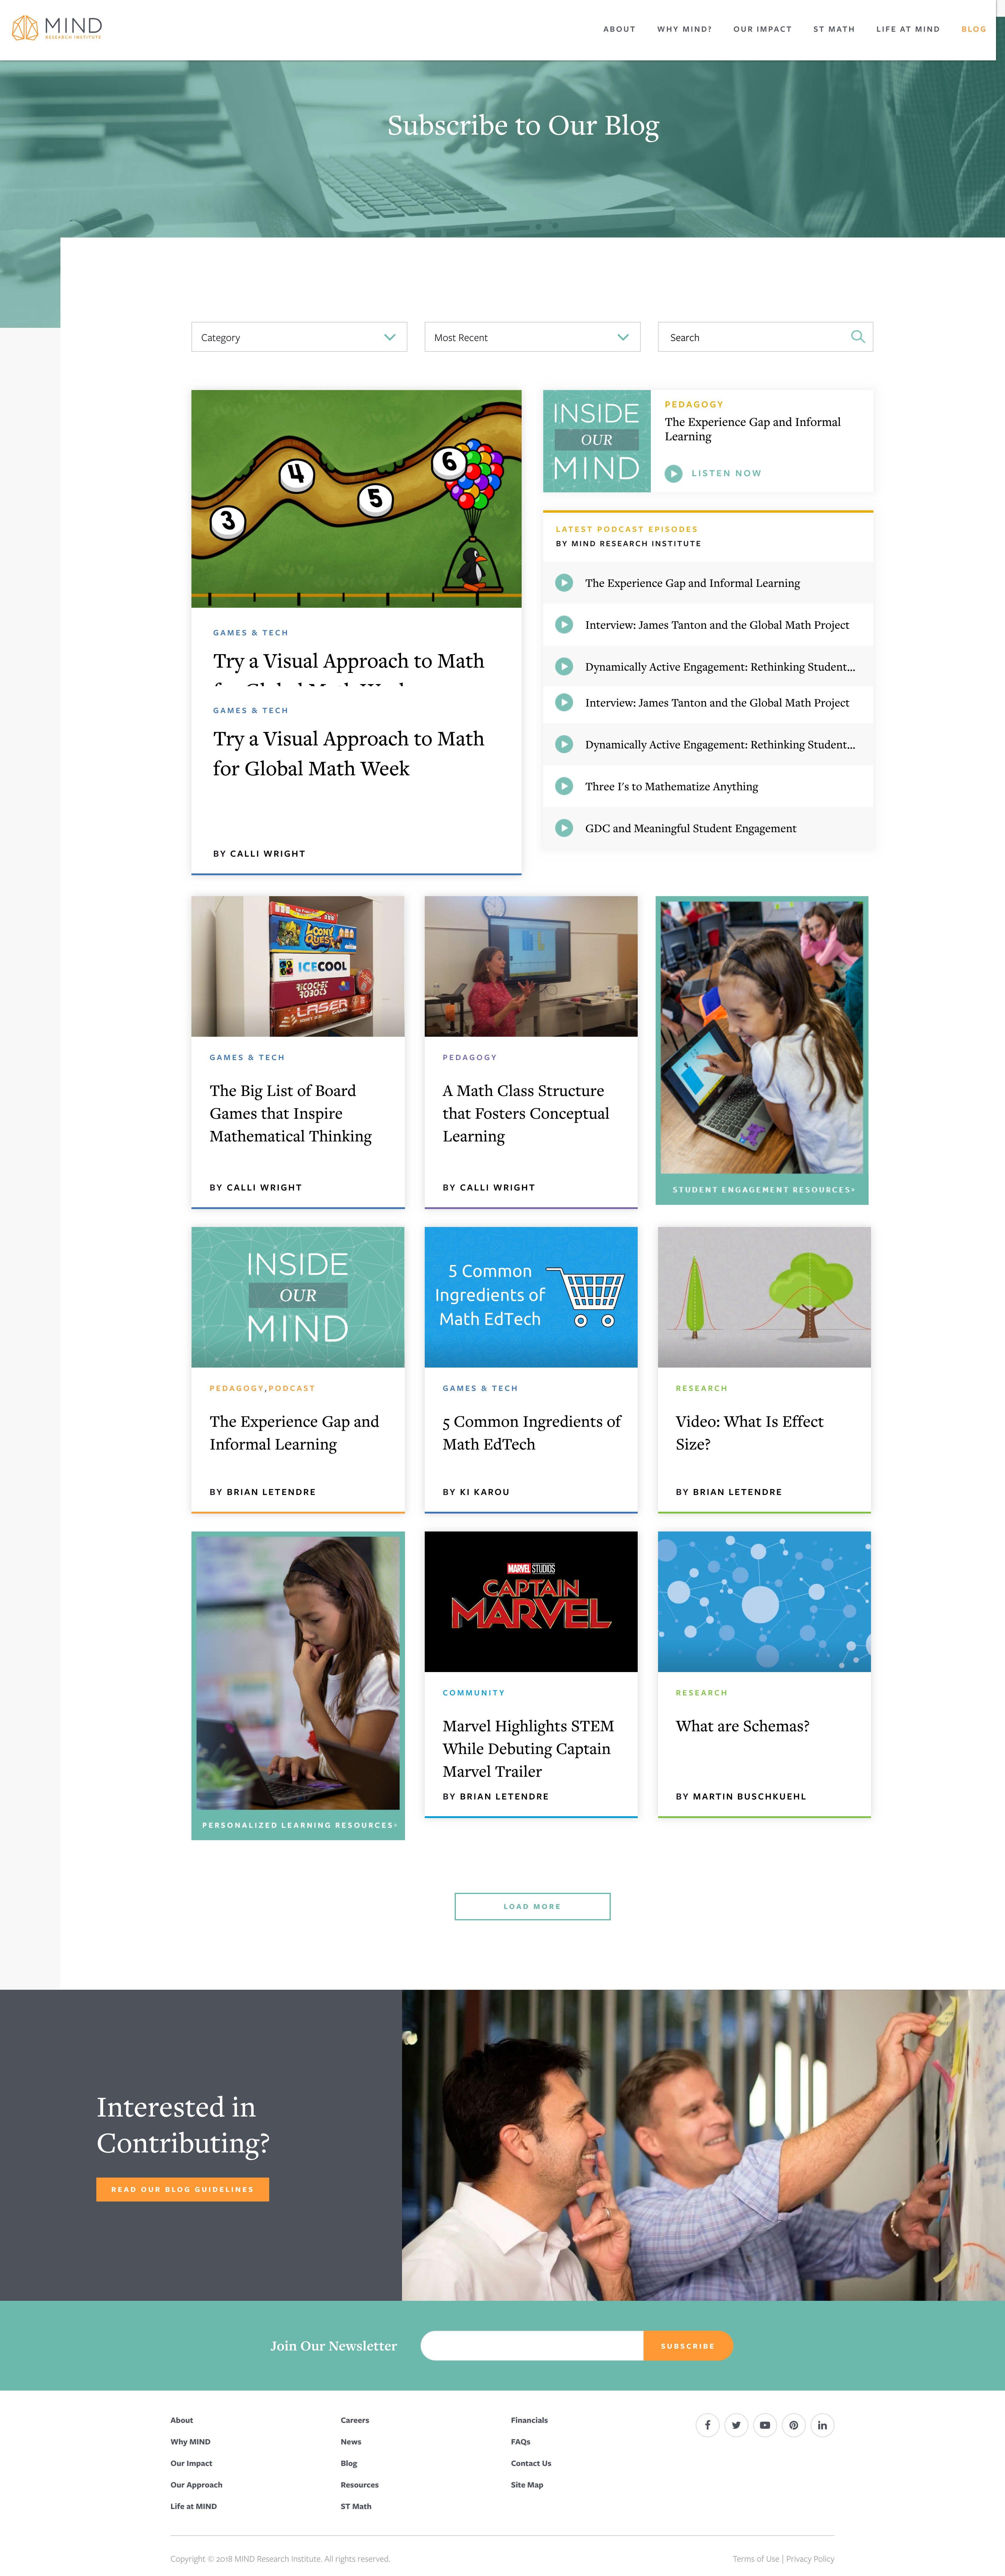 screencapture-blog-mindresearch-org-blog-2018-10-09-17_31_39